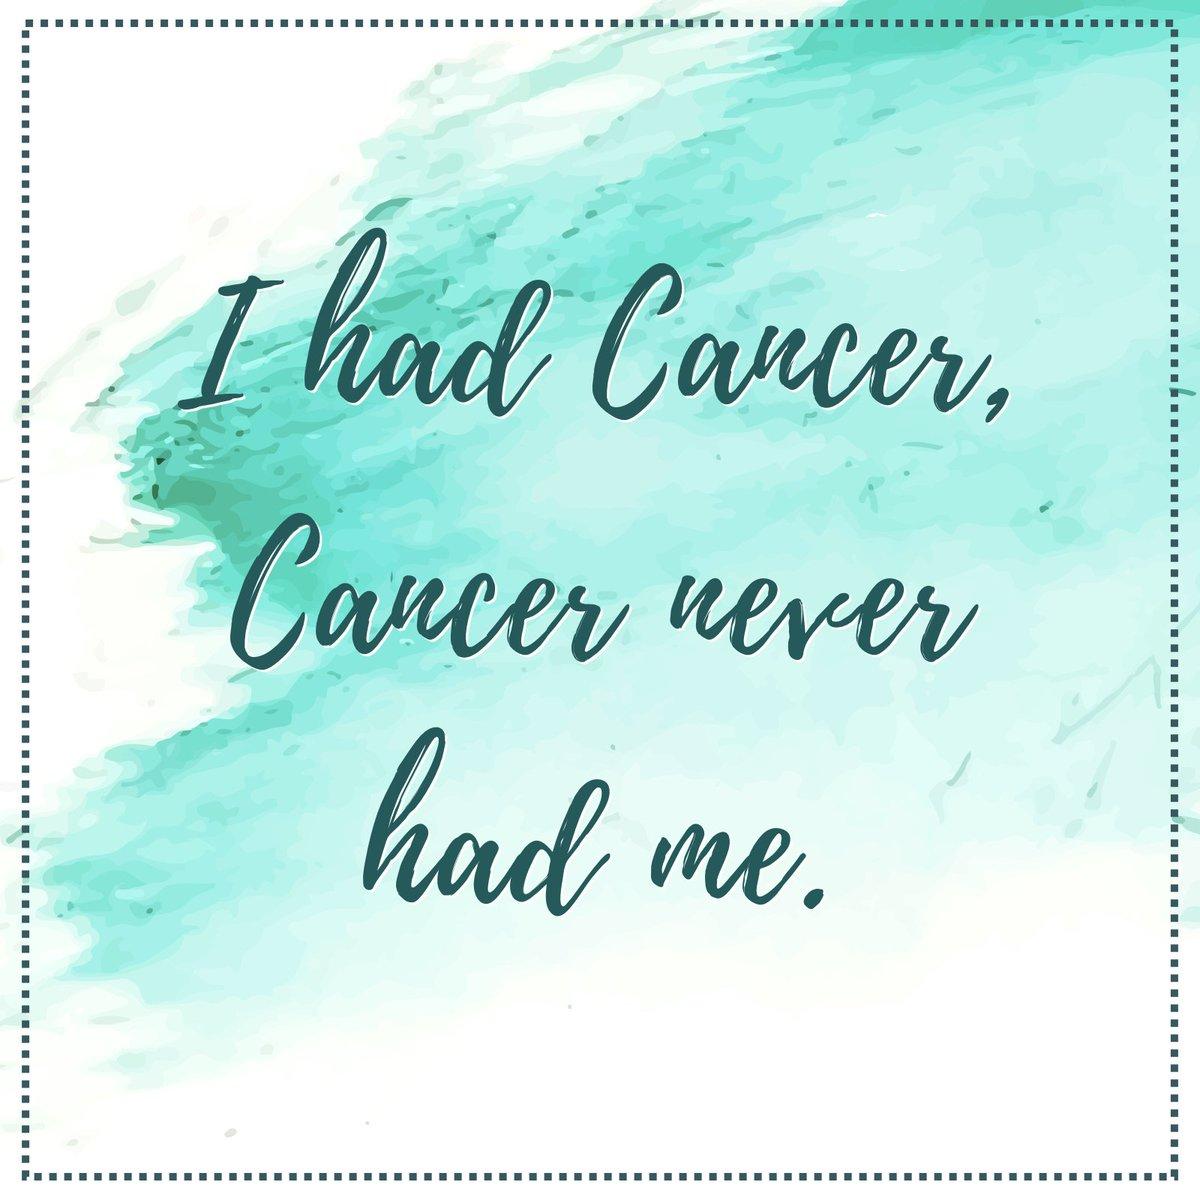 Cancer can&#39;t define you.  #OvarianCancer #EarlyDetection #OvarianCancerAwarenessMonth #Cancer #Motivation #WednesdayWisdom<br>http://pic.twitter.com/6dl9oaDrSC